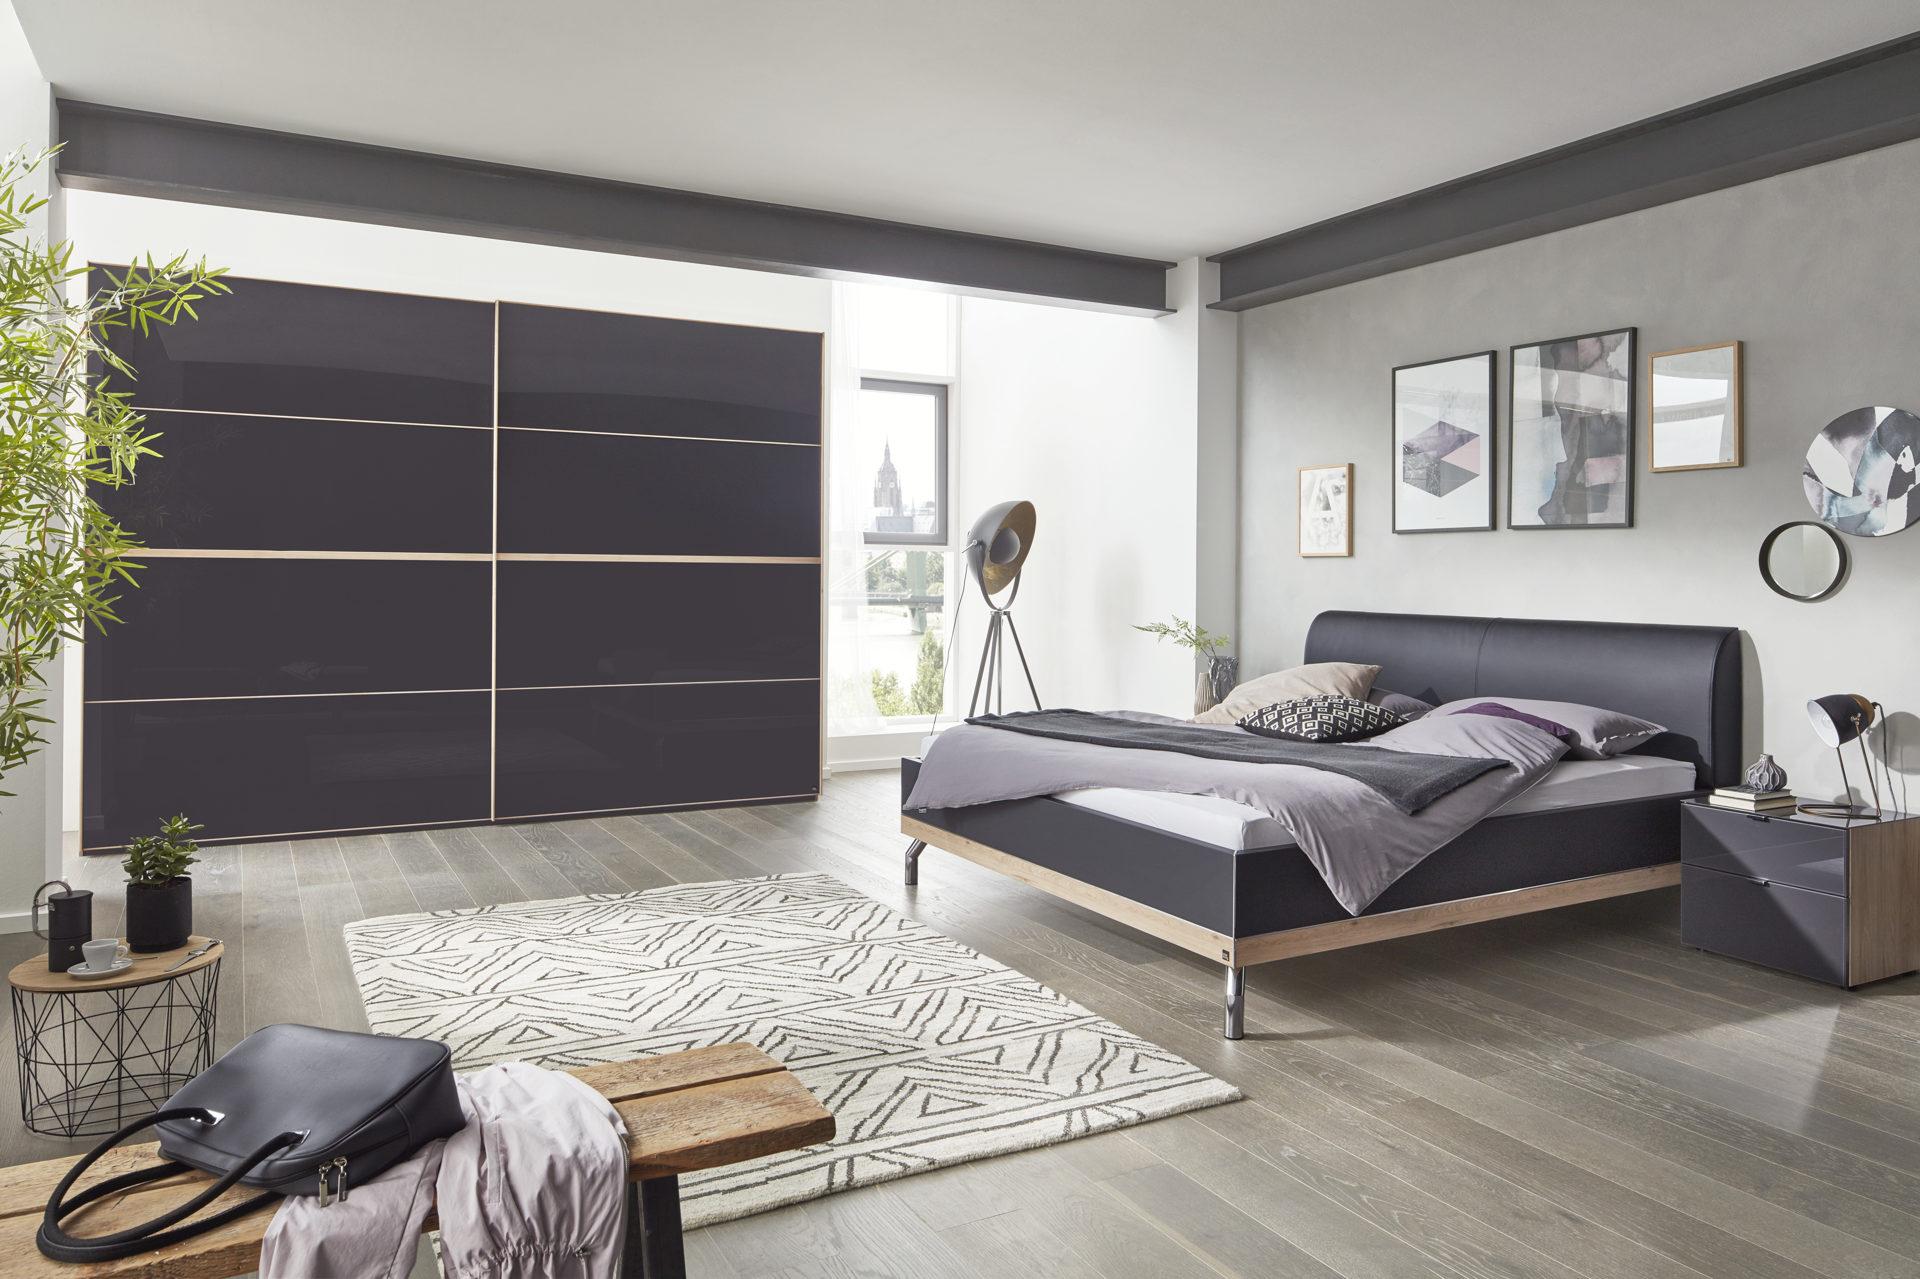 Interliving Schlafzimmer Serie 1010 – Schlafzimmerkombination,  basaltfarbenes Glas & Jackson eichefarbene Kunststoffoberfläch